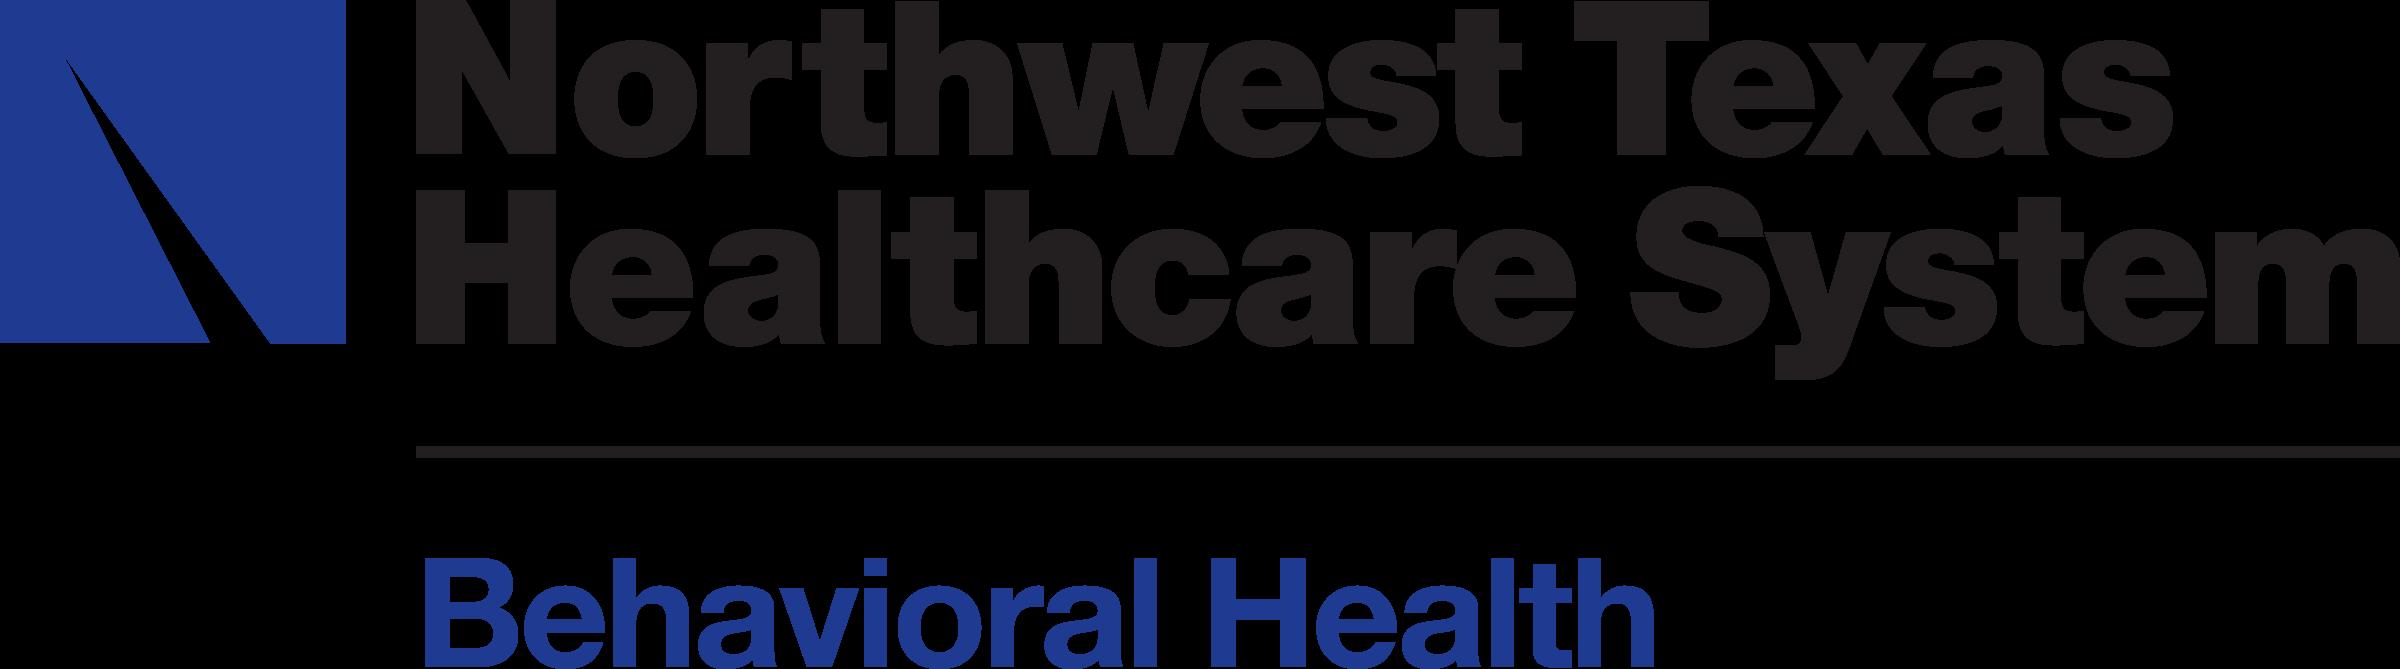 Northwest Texas Behavioral Health